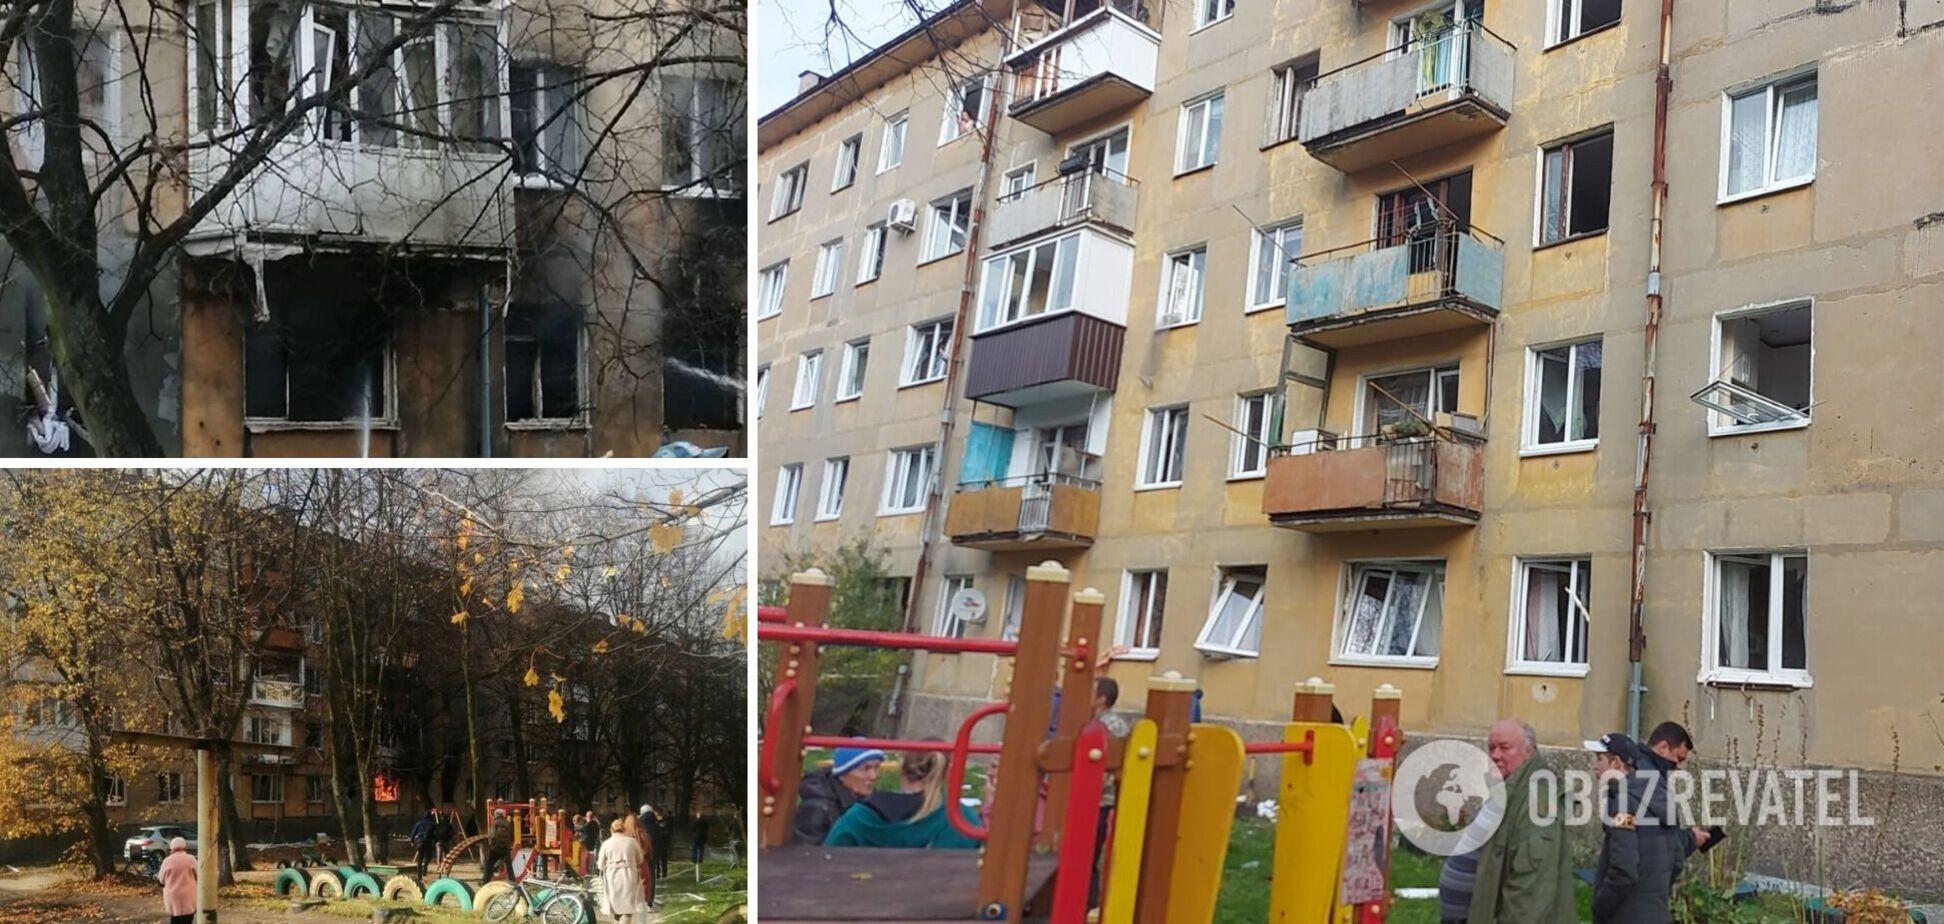 Люди стрибали з вікон, рятуючи дітей: у Росії прогримів потужний вибух у будинку. Фото і відео